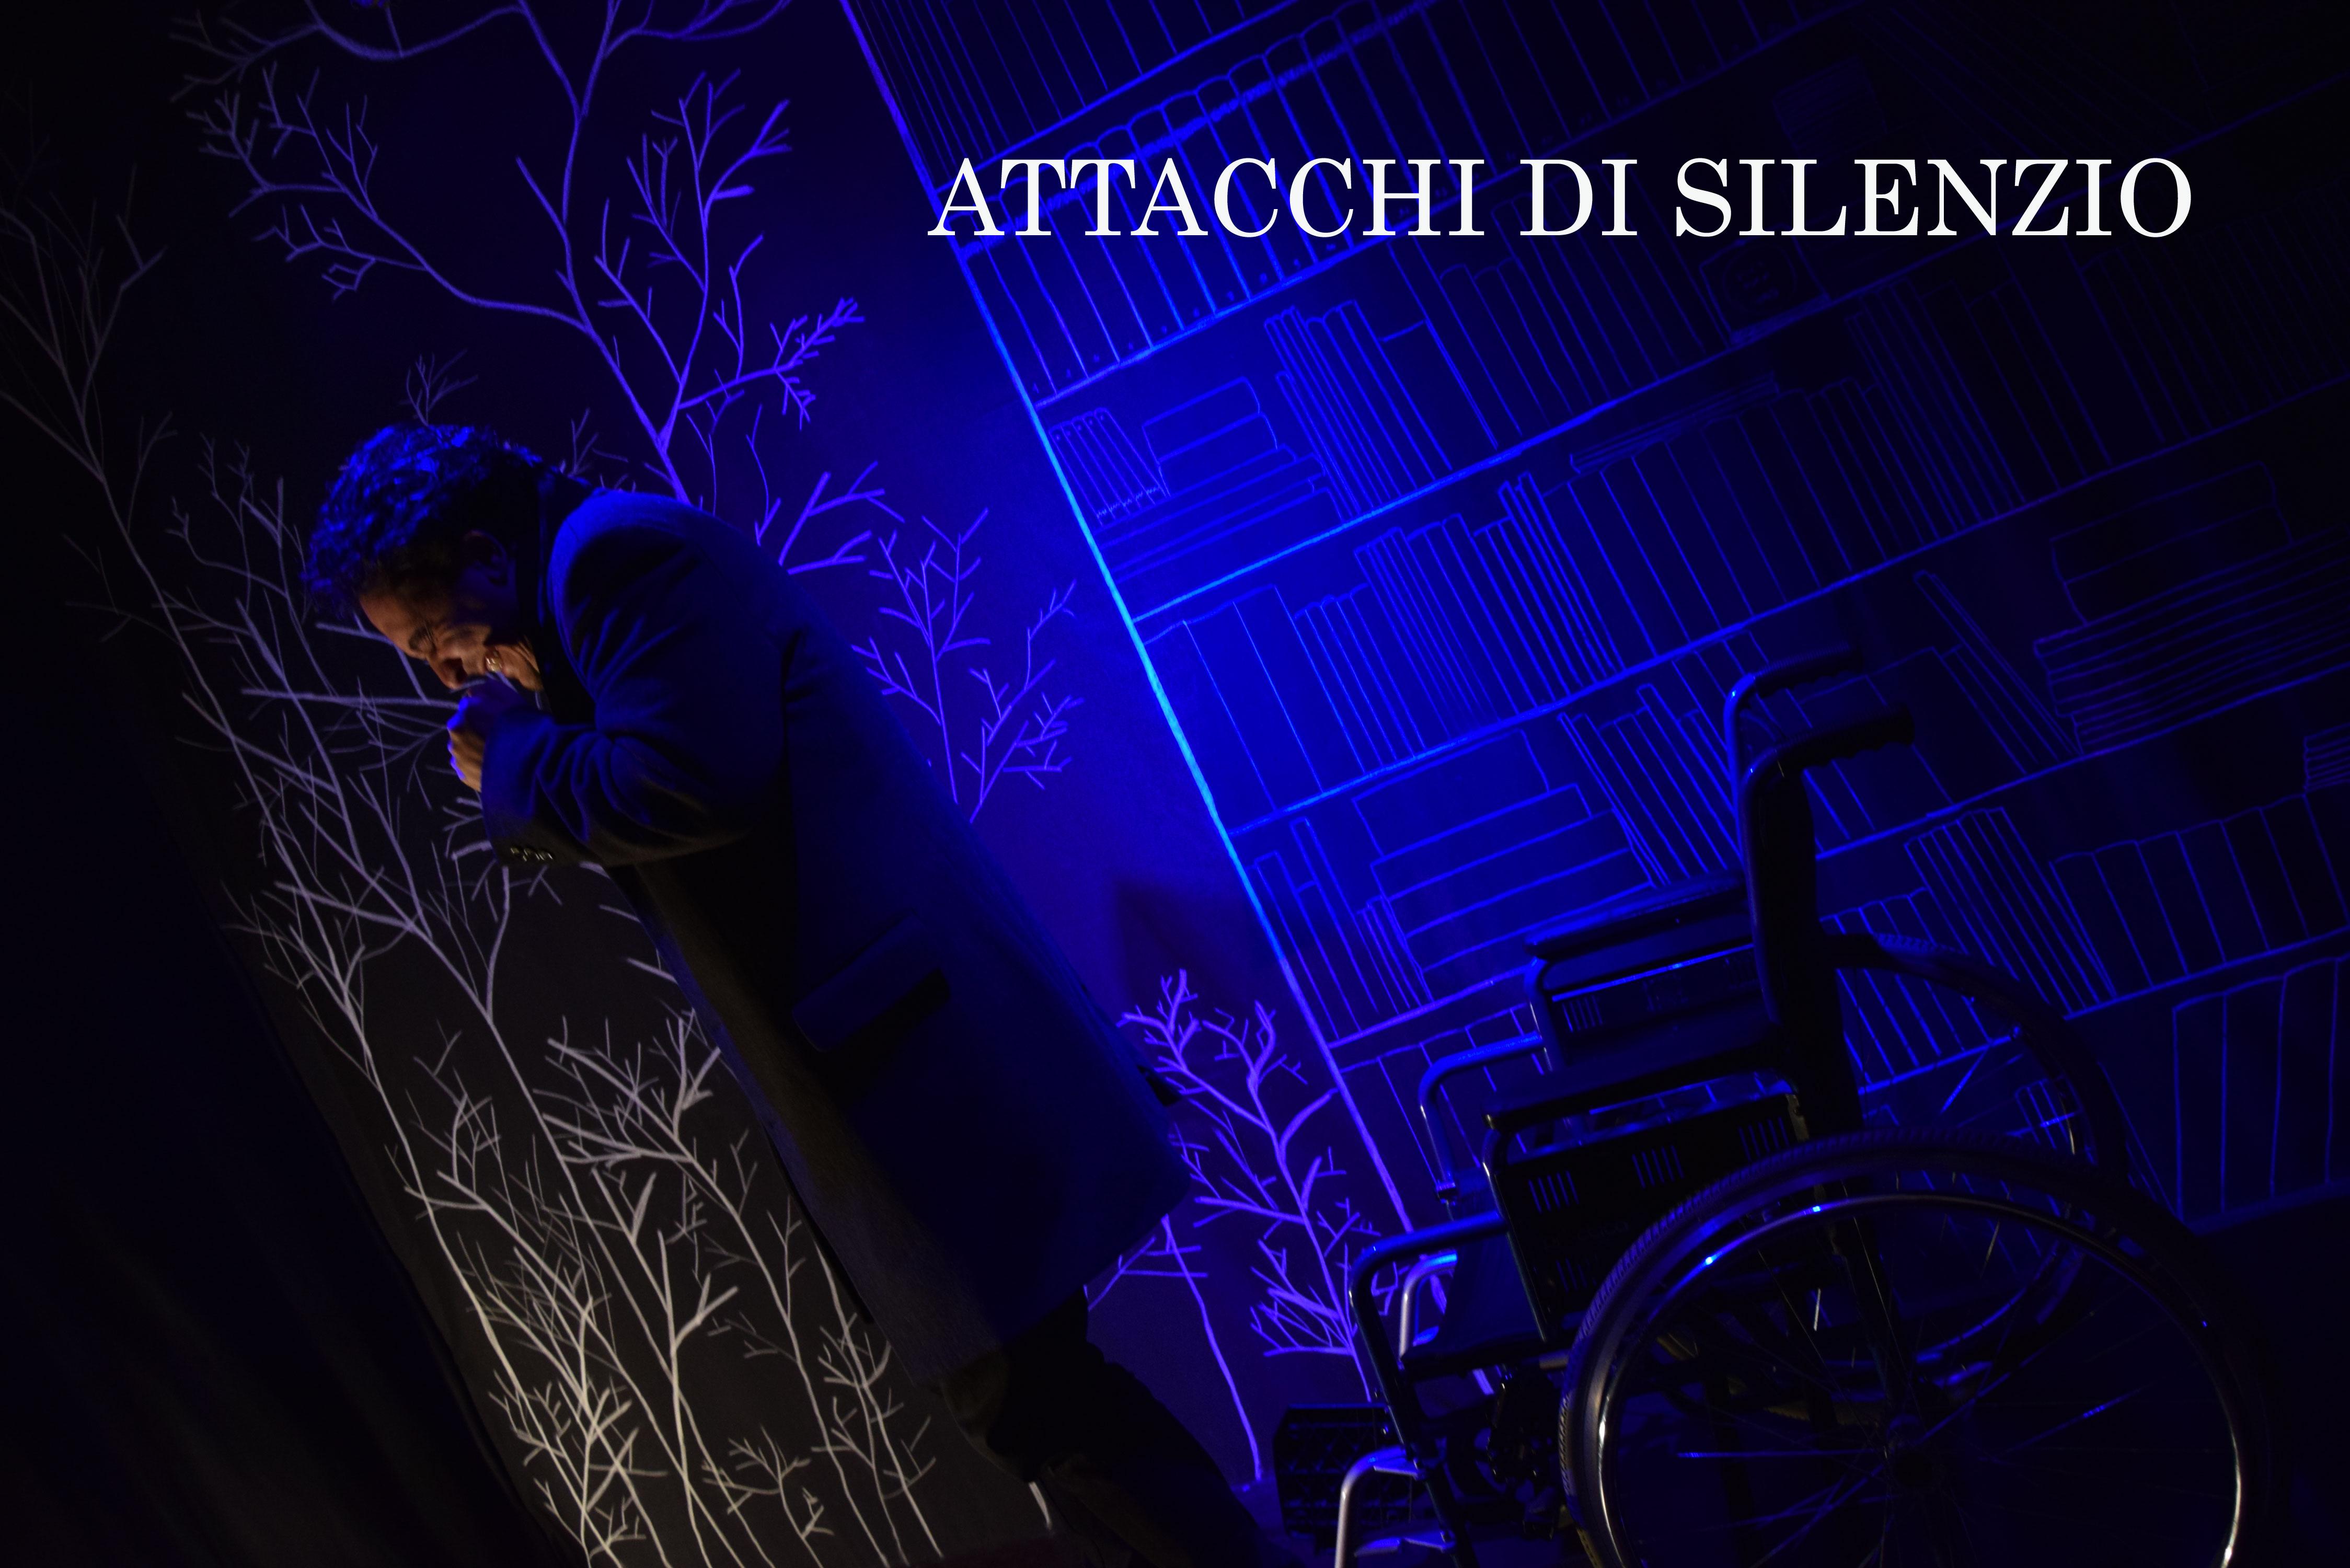 attacchi-di-silenzio-6